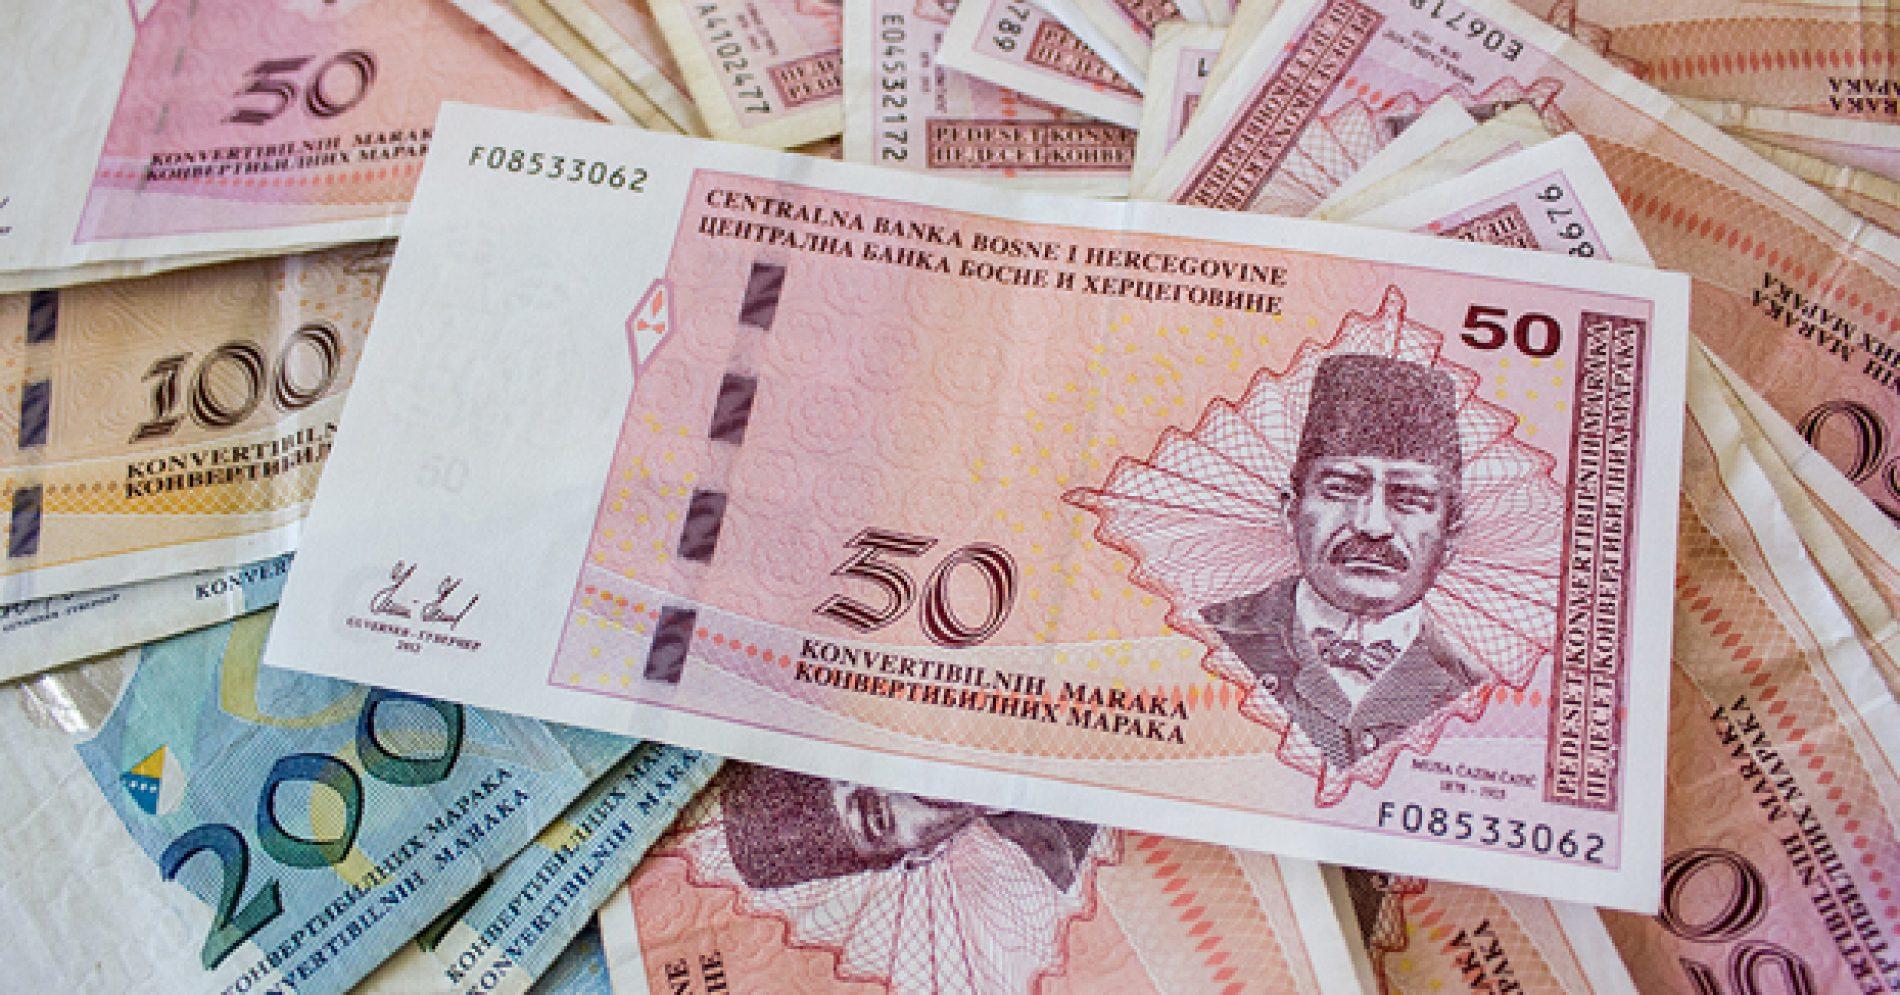 Nezaustavljiv rast plaća u FBiH – 938 BAM prosjek za mjesec maj